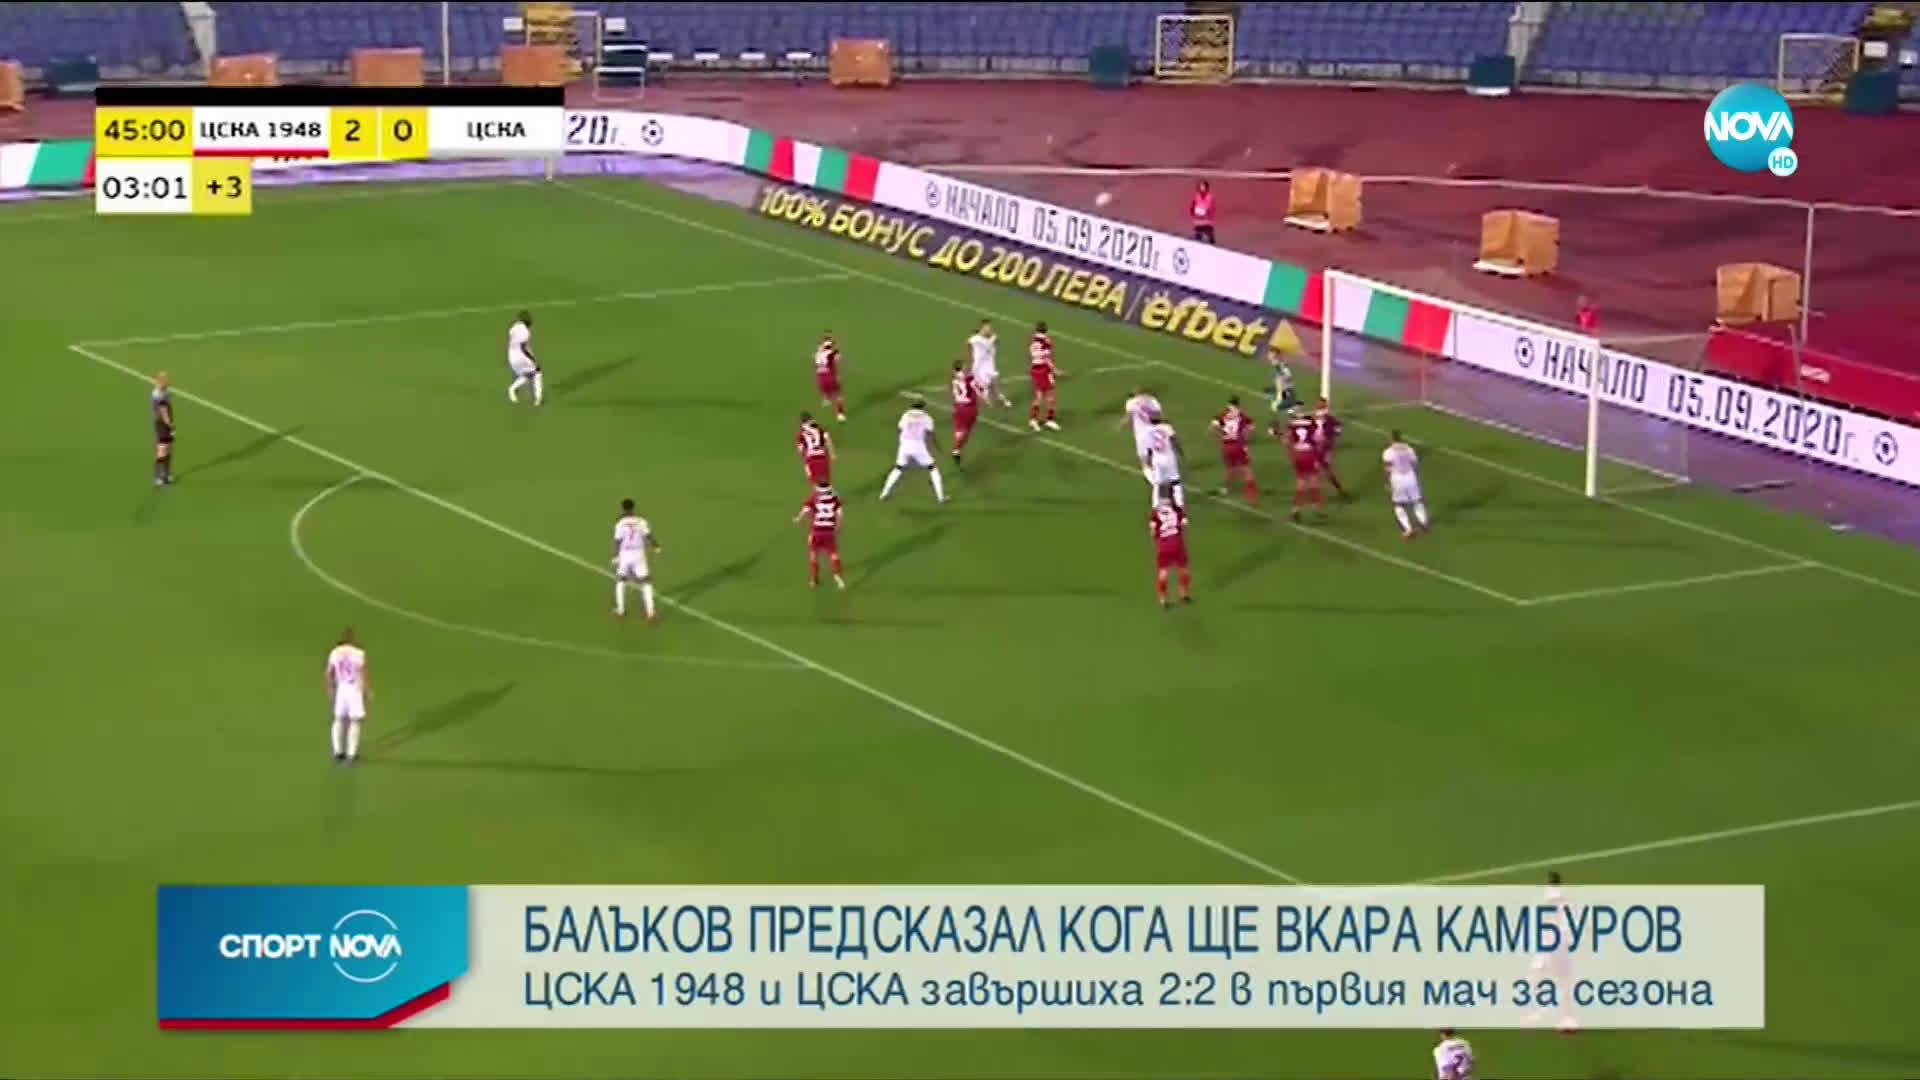 Спортни новини (08.08.2020 - централна емисия)